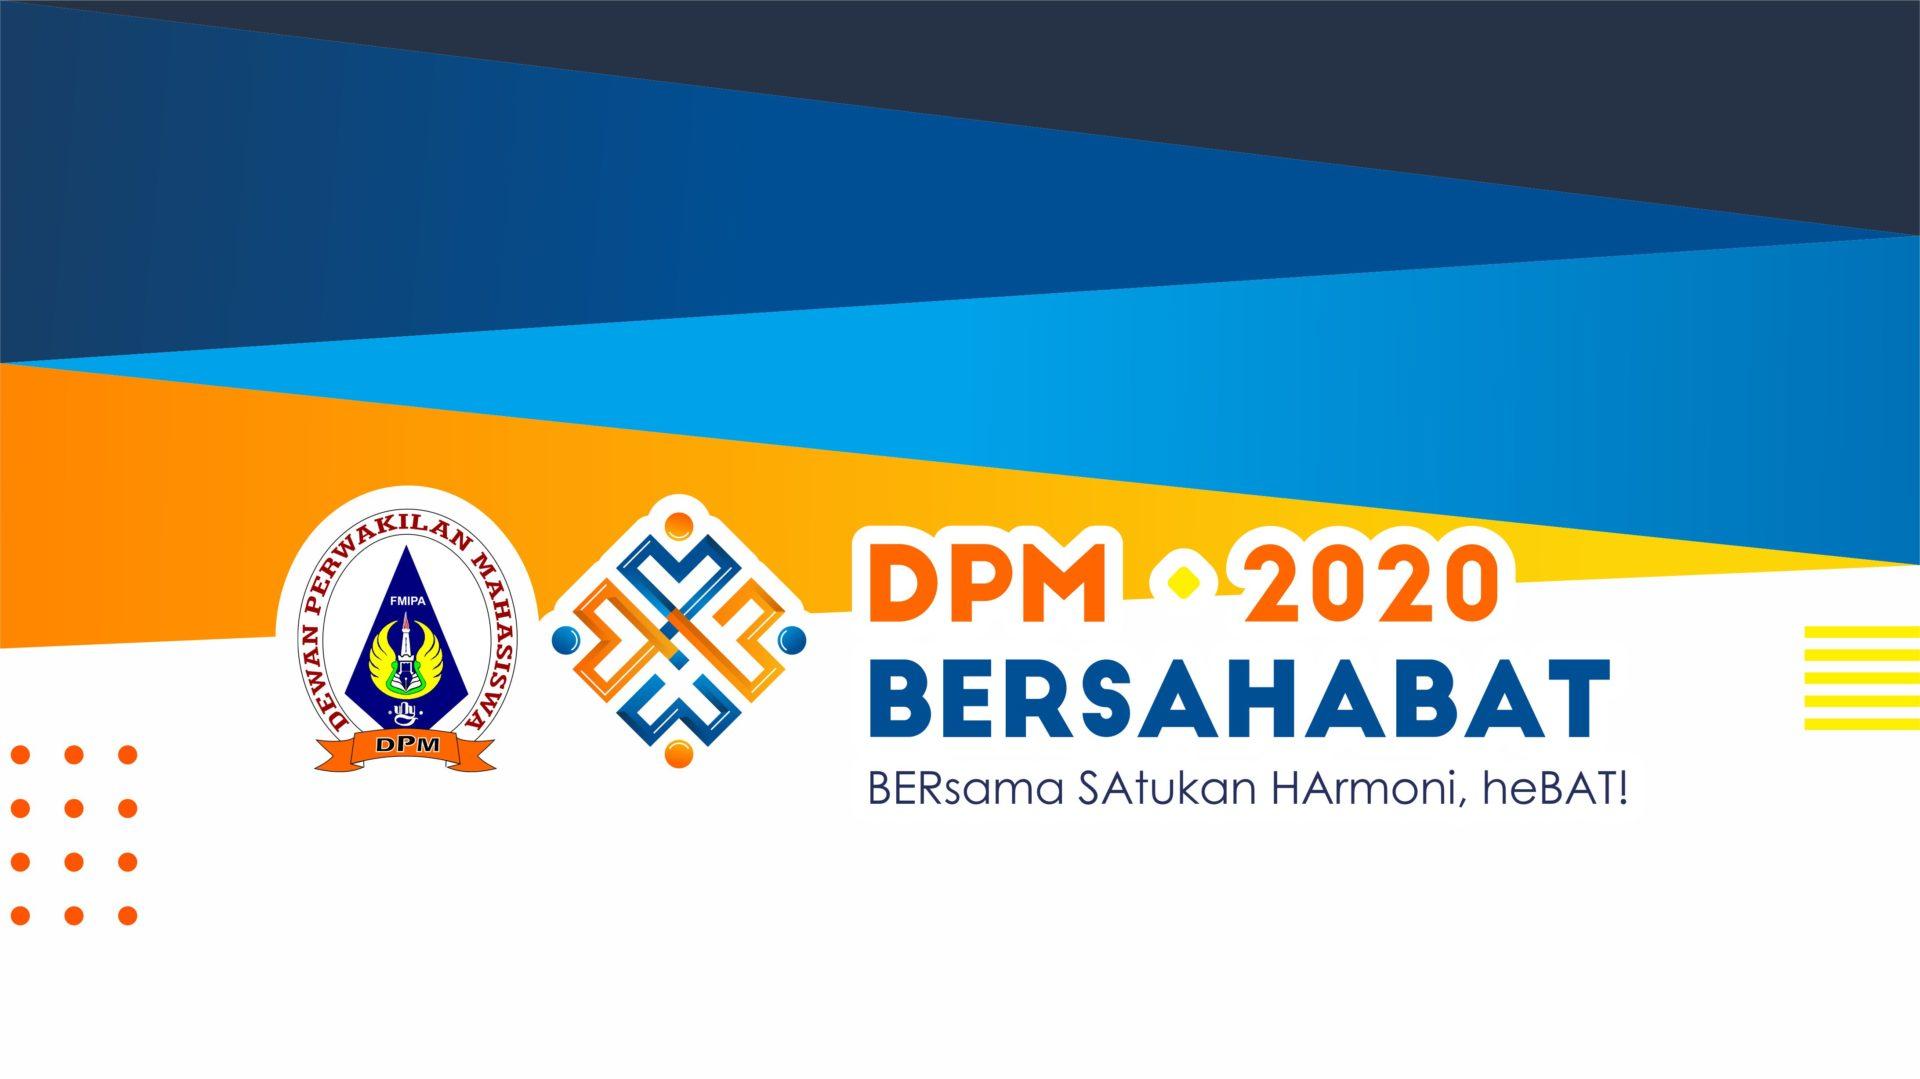 DPM FMIPA 2020